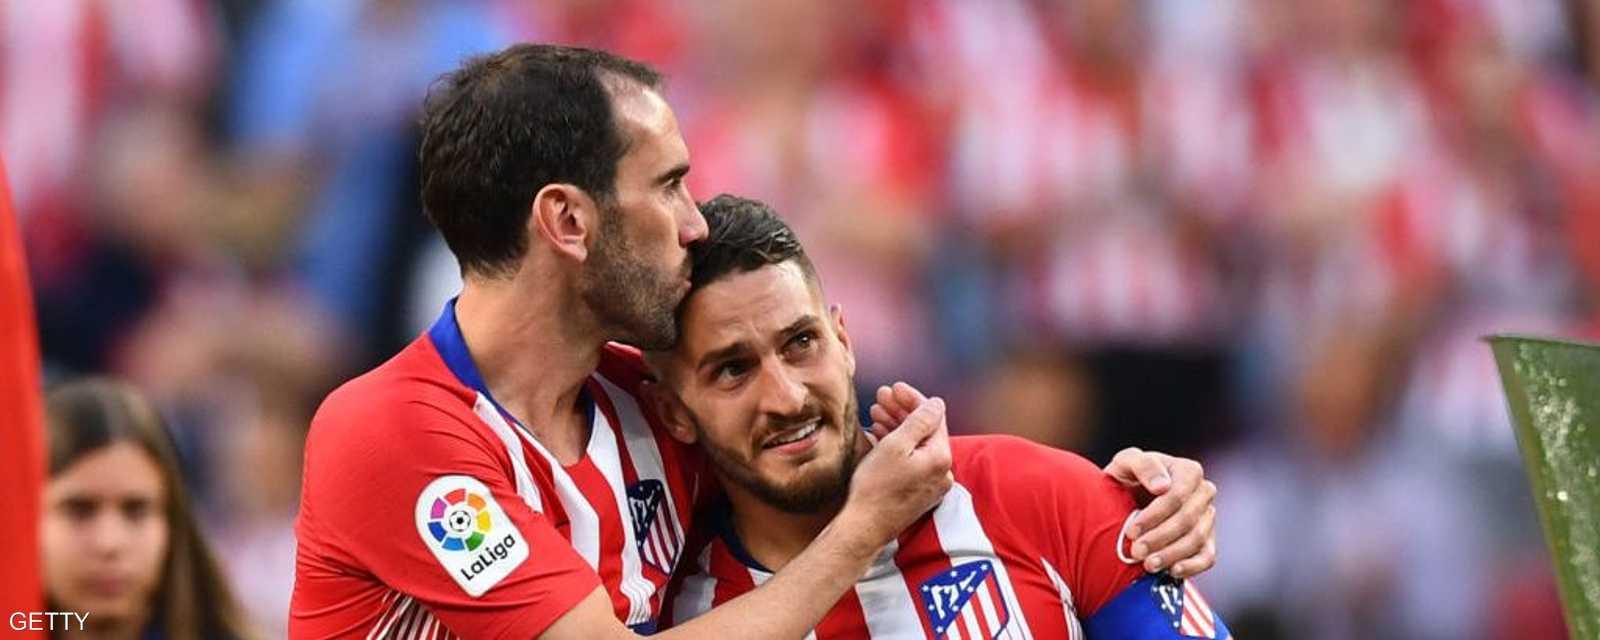 كوكي ودع زميله غودين للمرة الأخيرة بقميص أتلتيكو مدريد